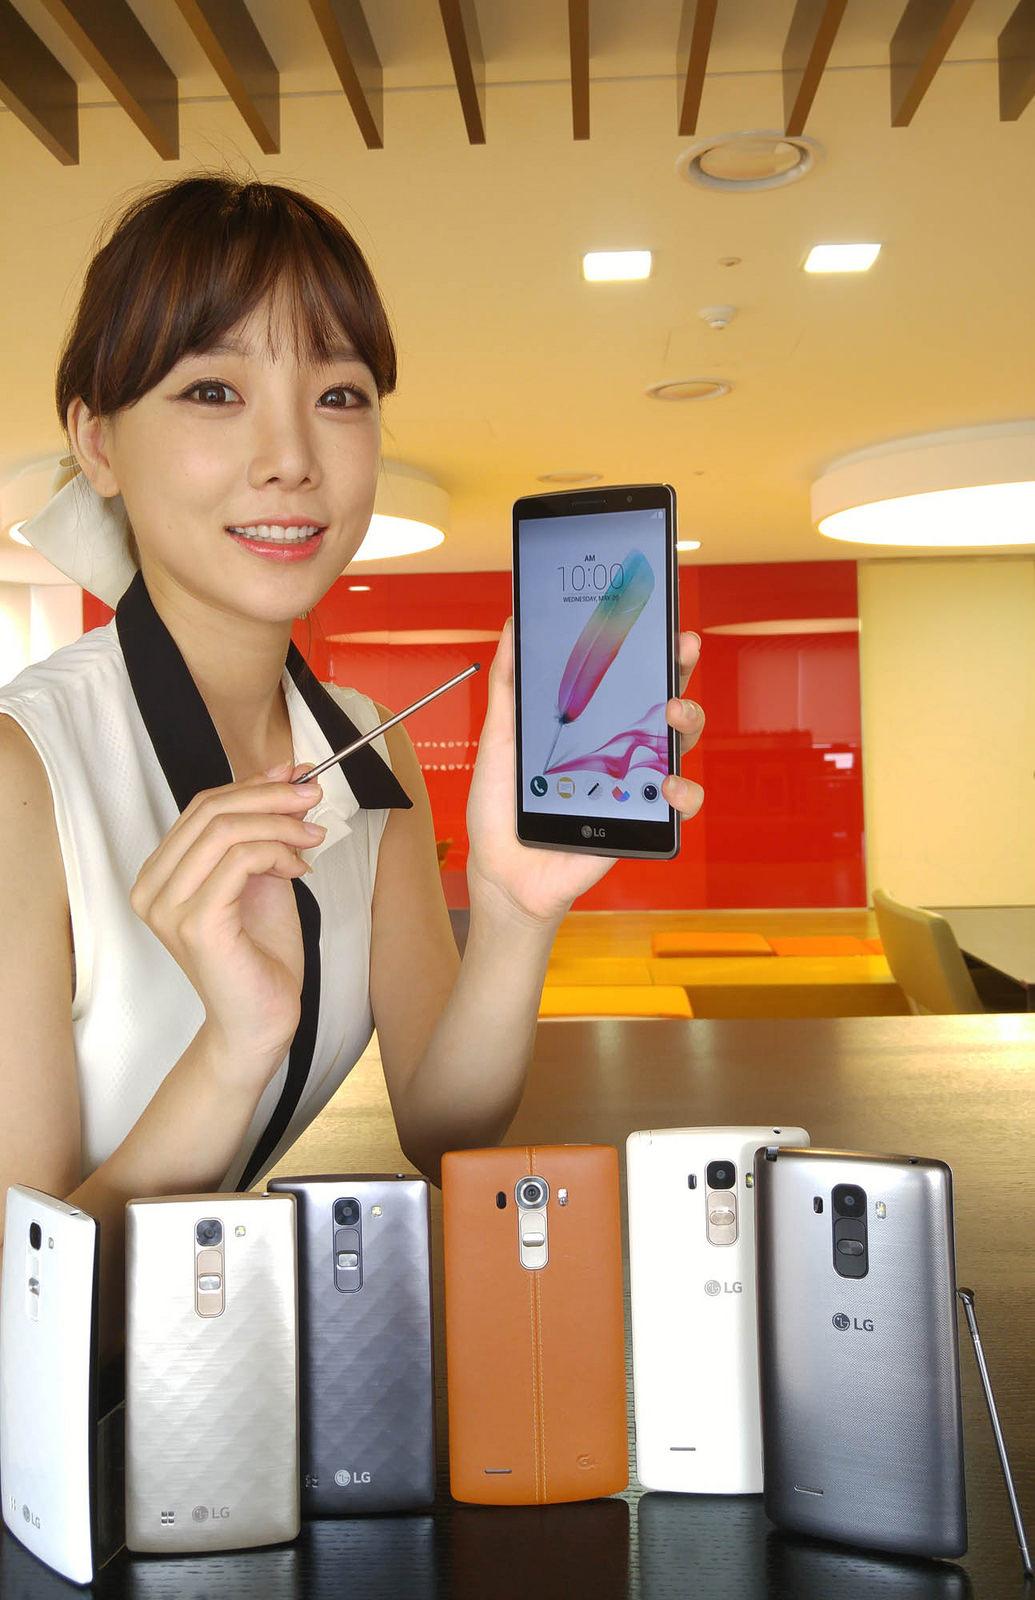 LG G4c LG G4 LG G4 Stylus